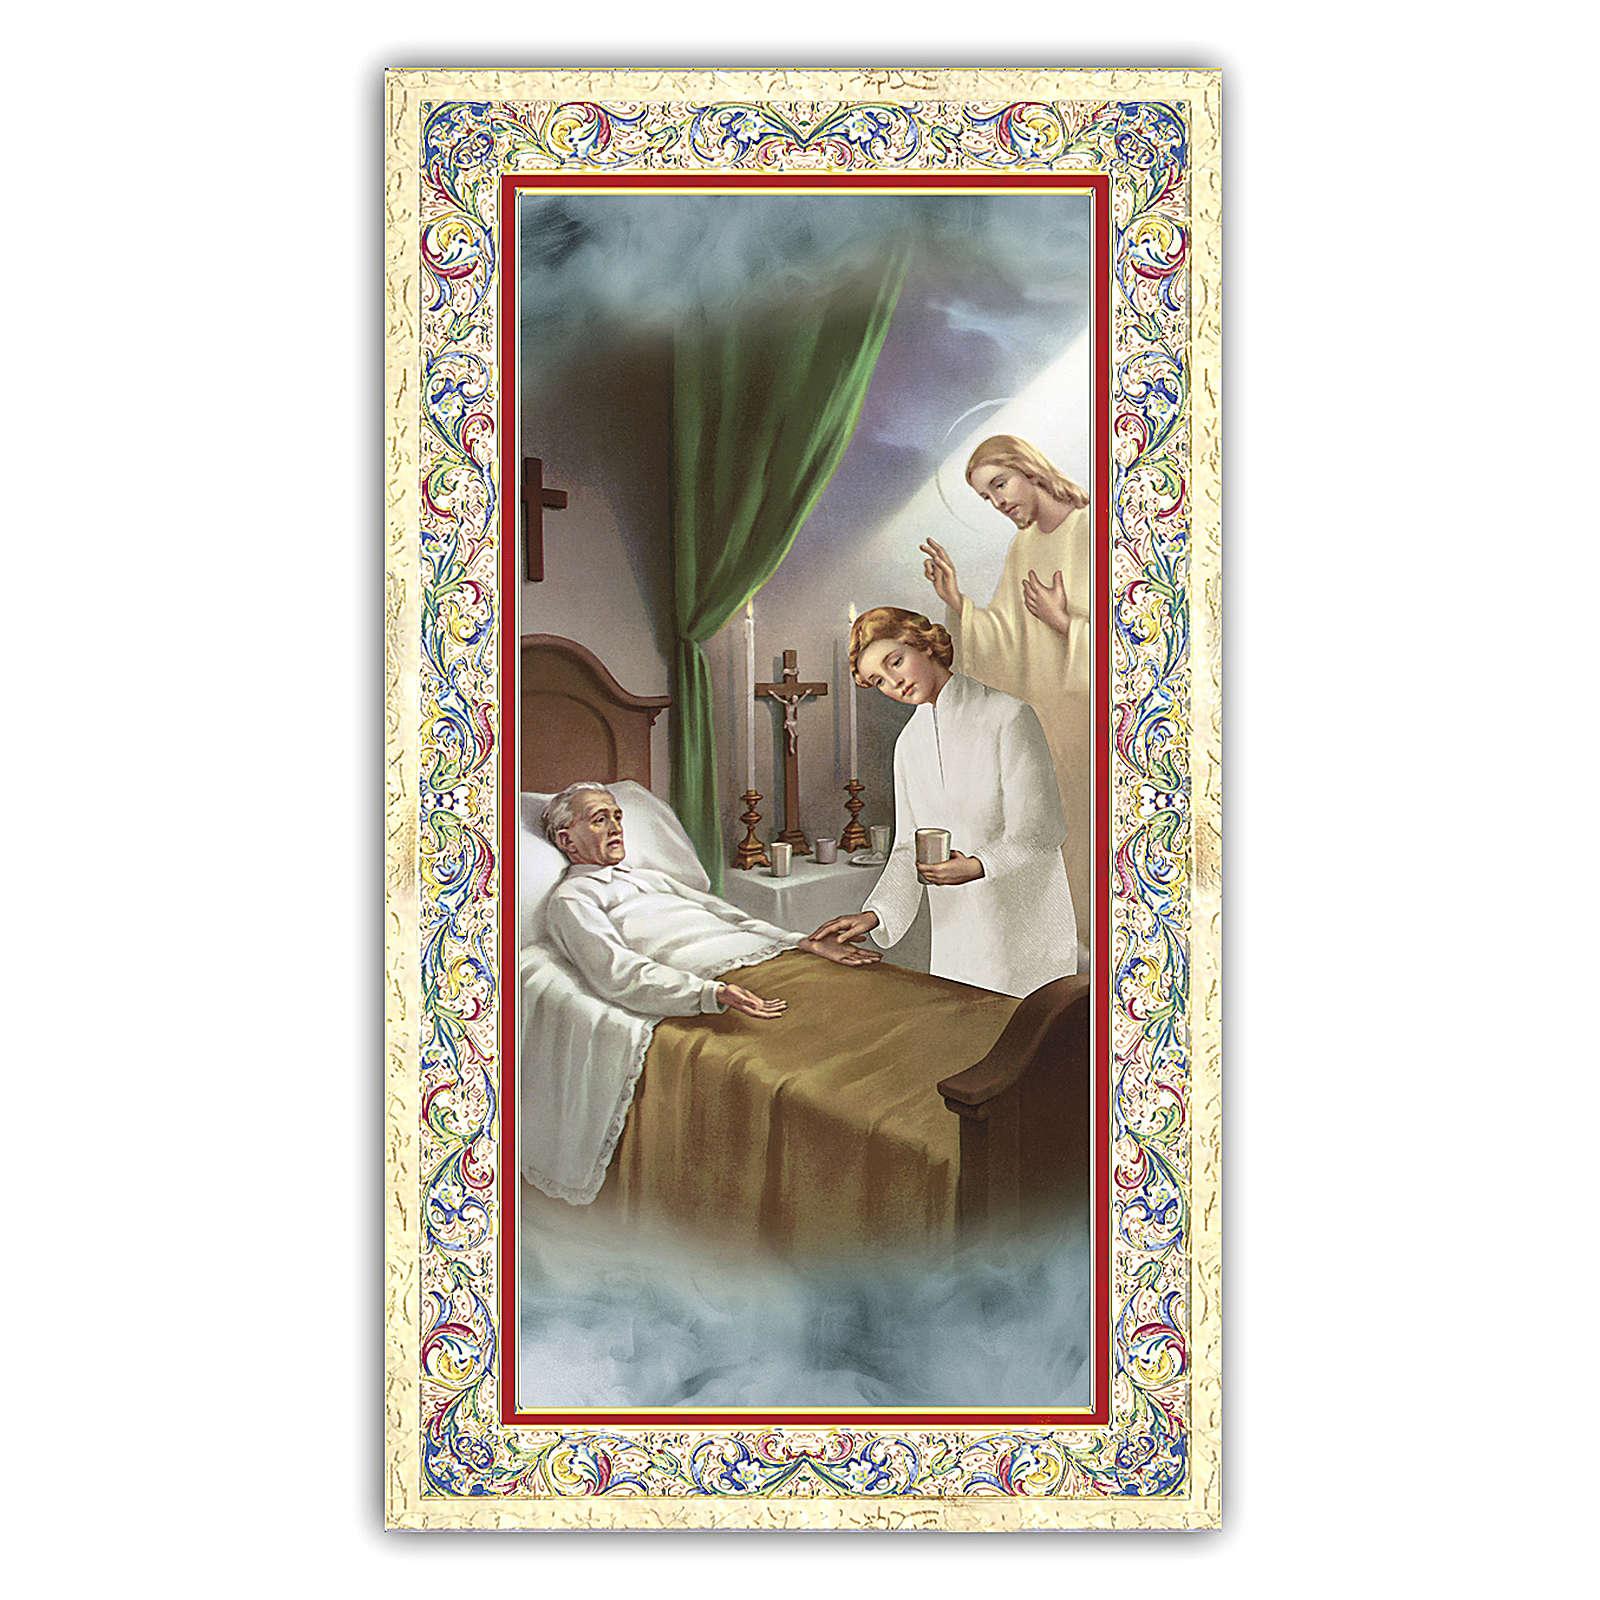 Santino l'immagine simbolica di Gesù al capezzale di un malato 1 ITA 4